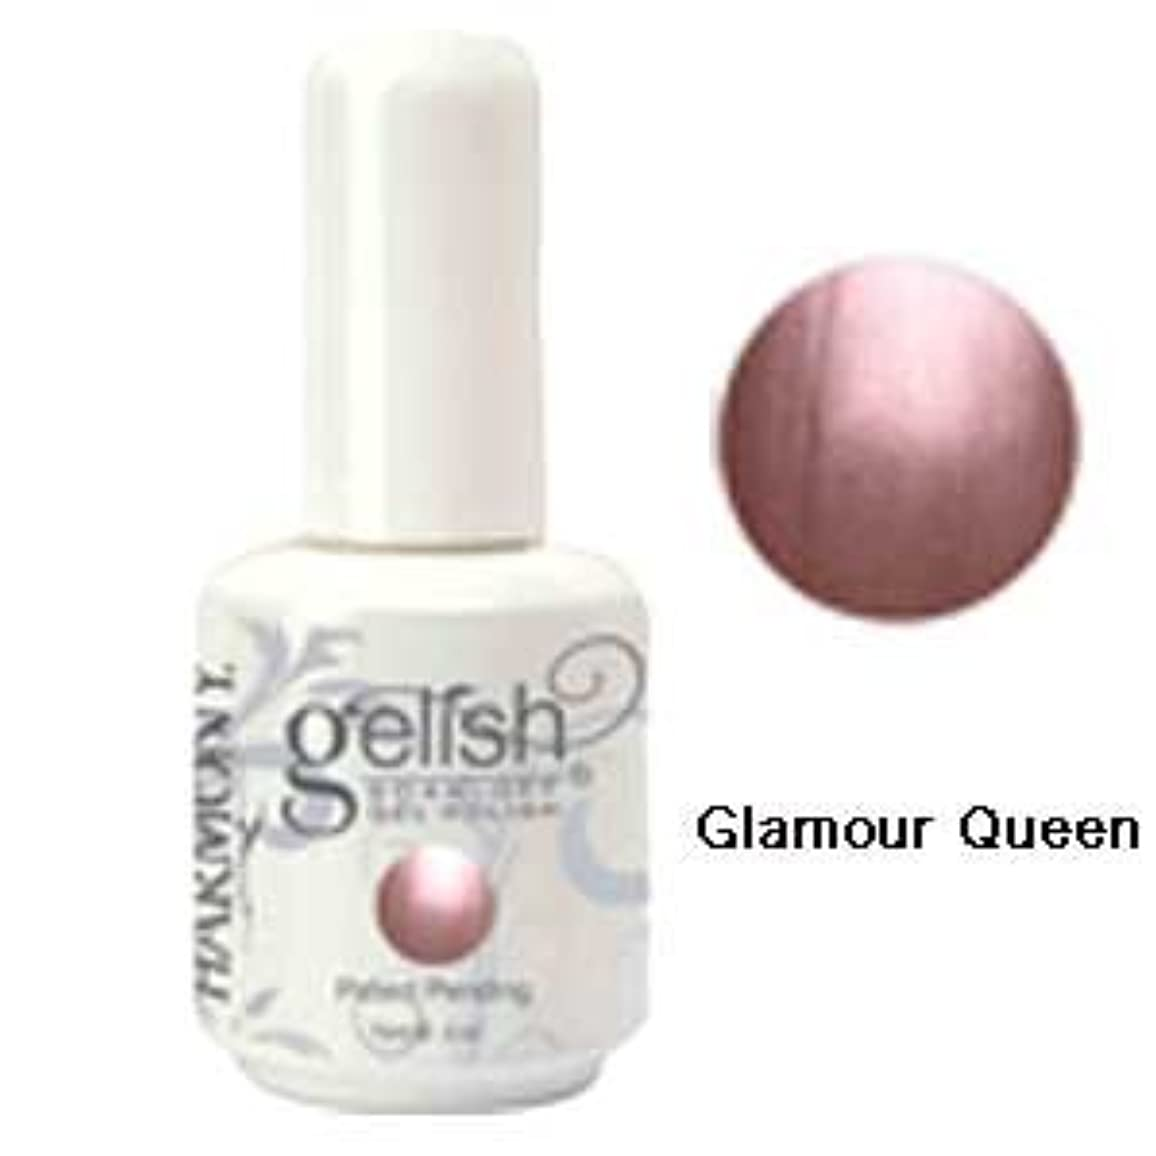 バングラデシュ国籍要塞Harmony gelishソークオフジェル-Glamour Queen 15ml [海外直送品][並行輸入品]